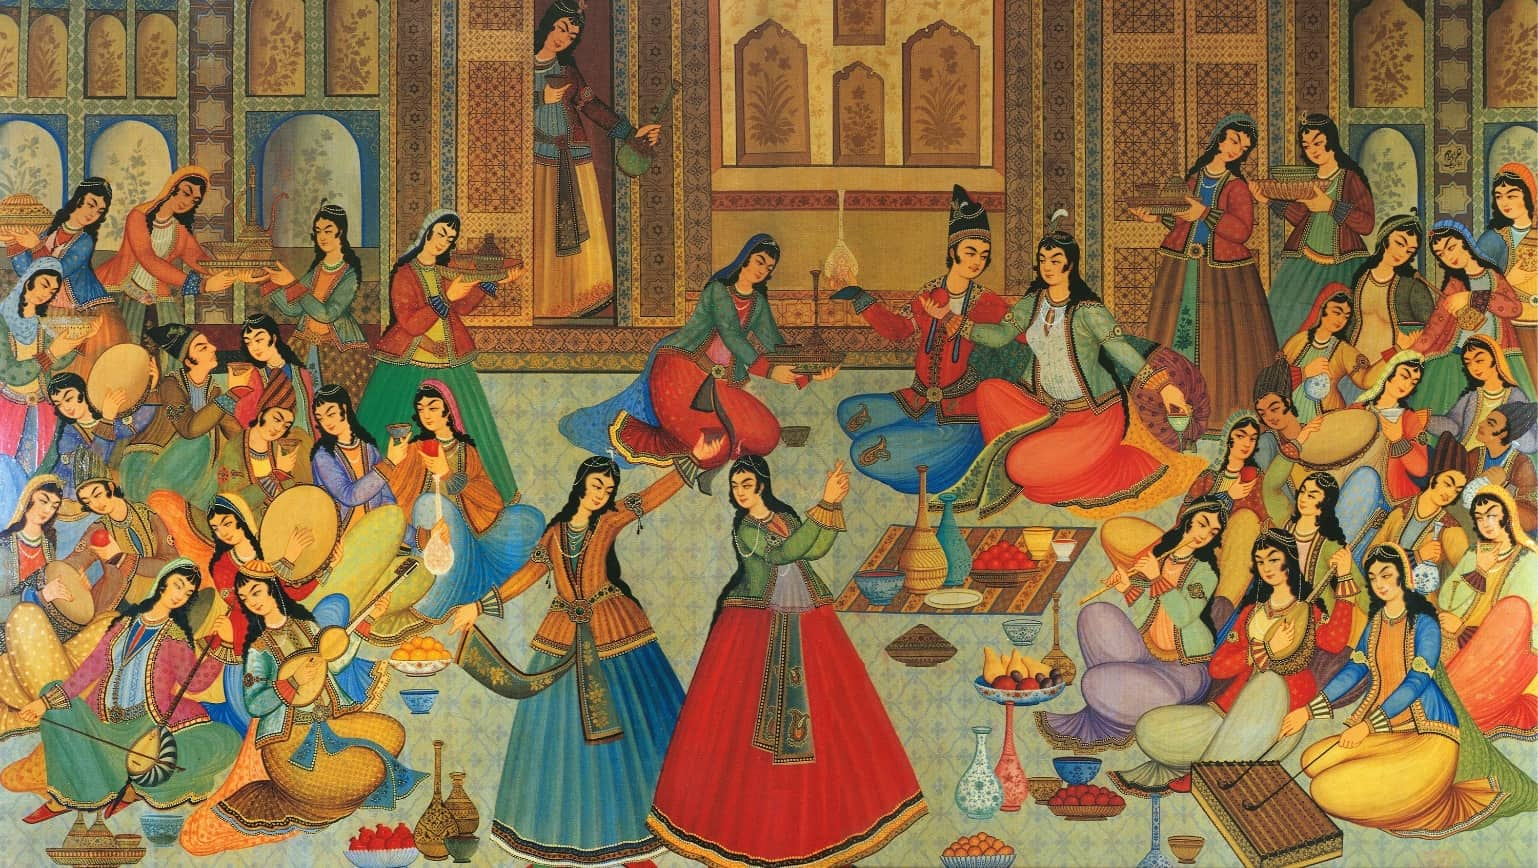 از سری نقاشیهای ایرانی مینیاتور